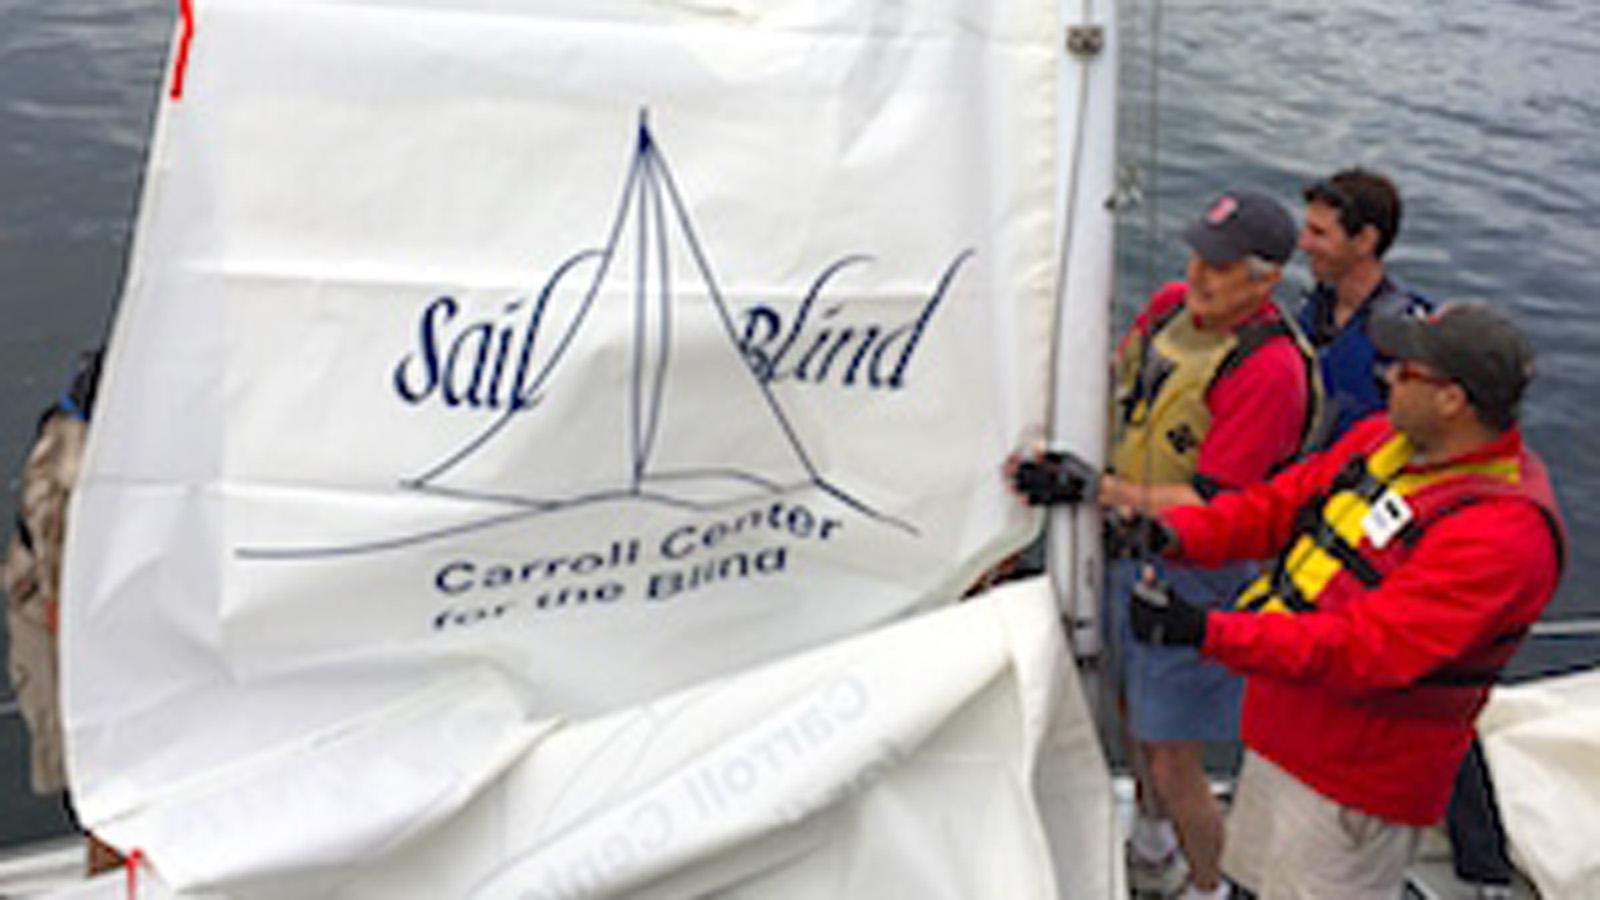 Sailblind